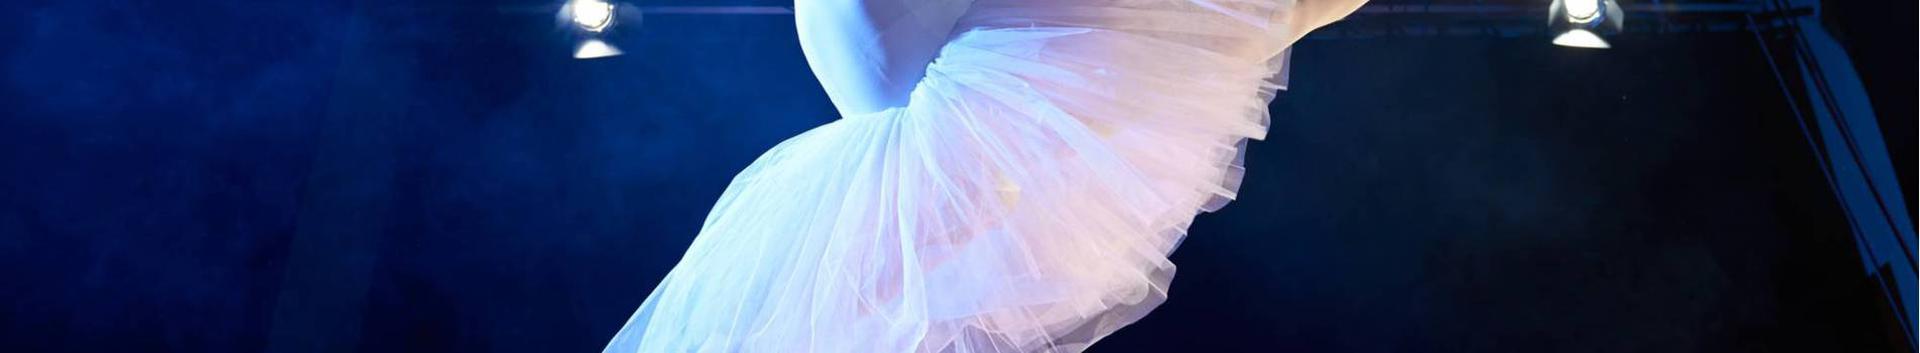 90011_teatri-ja-tantsuetenduste-tegevused_16973103_xl.jpg